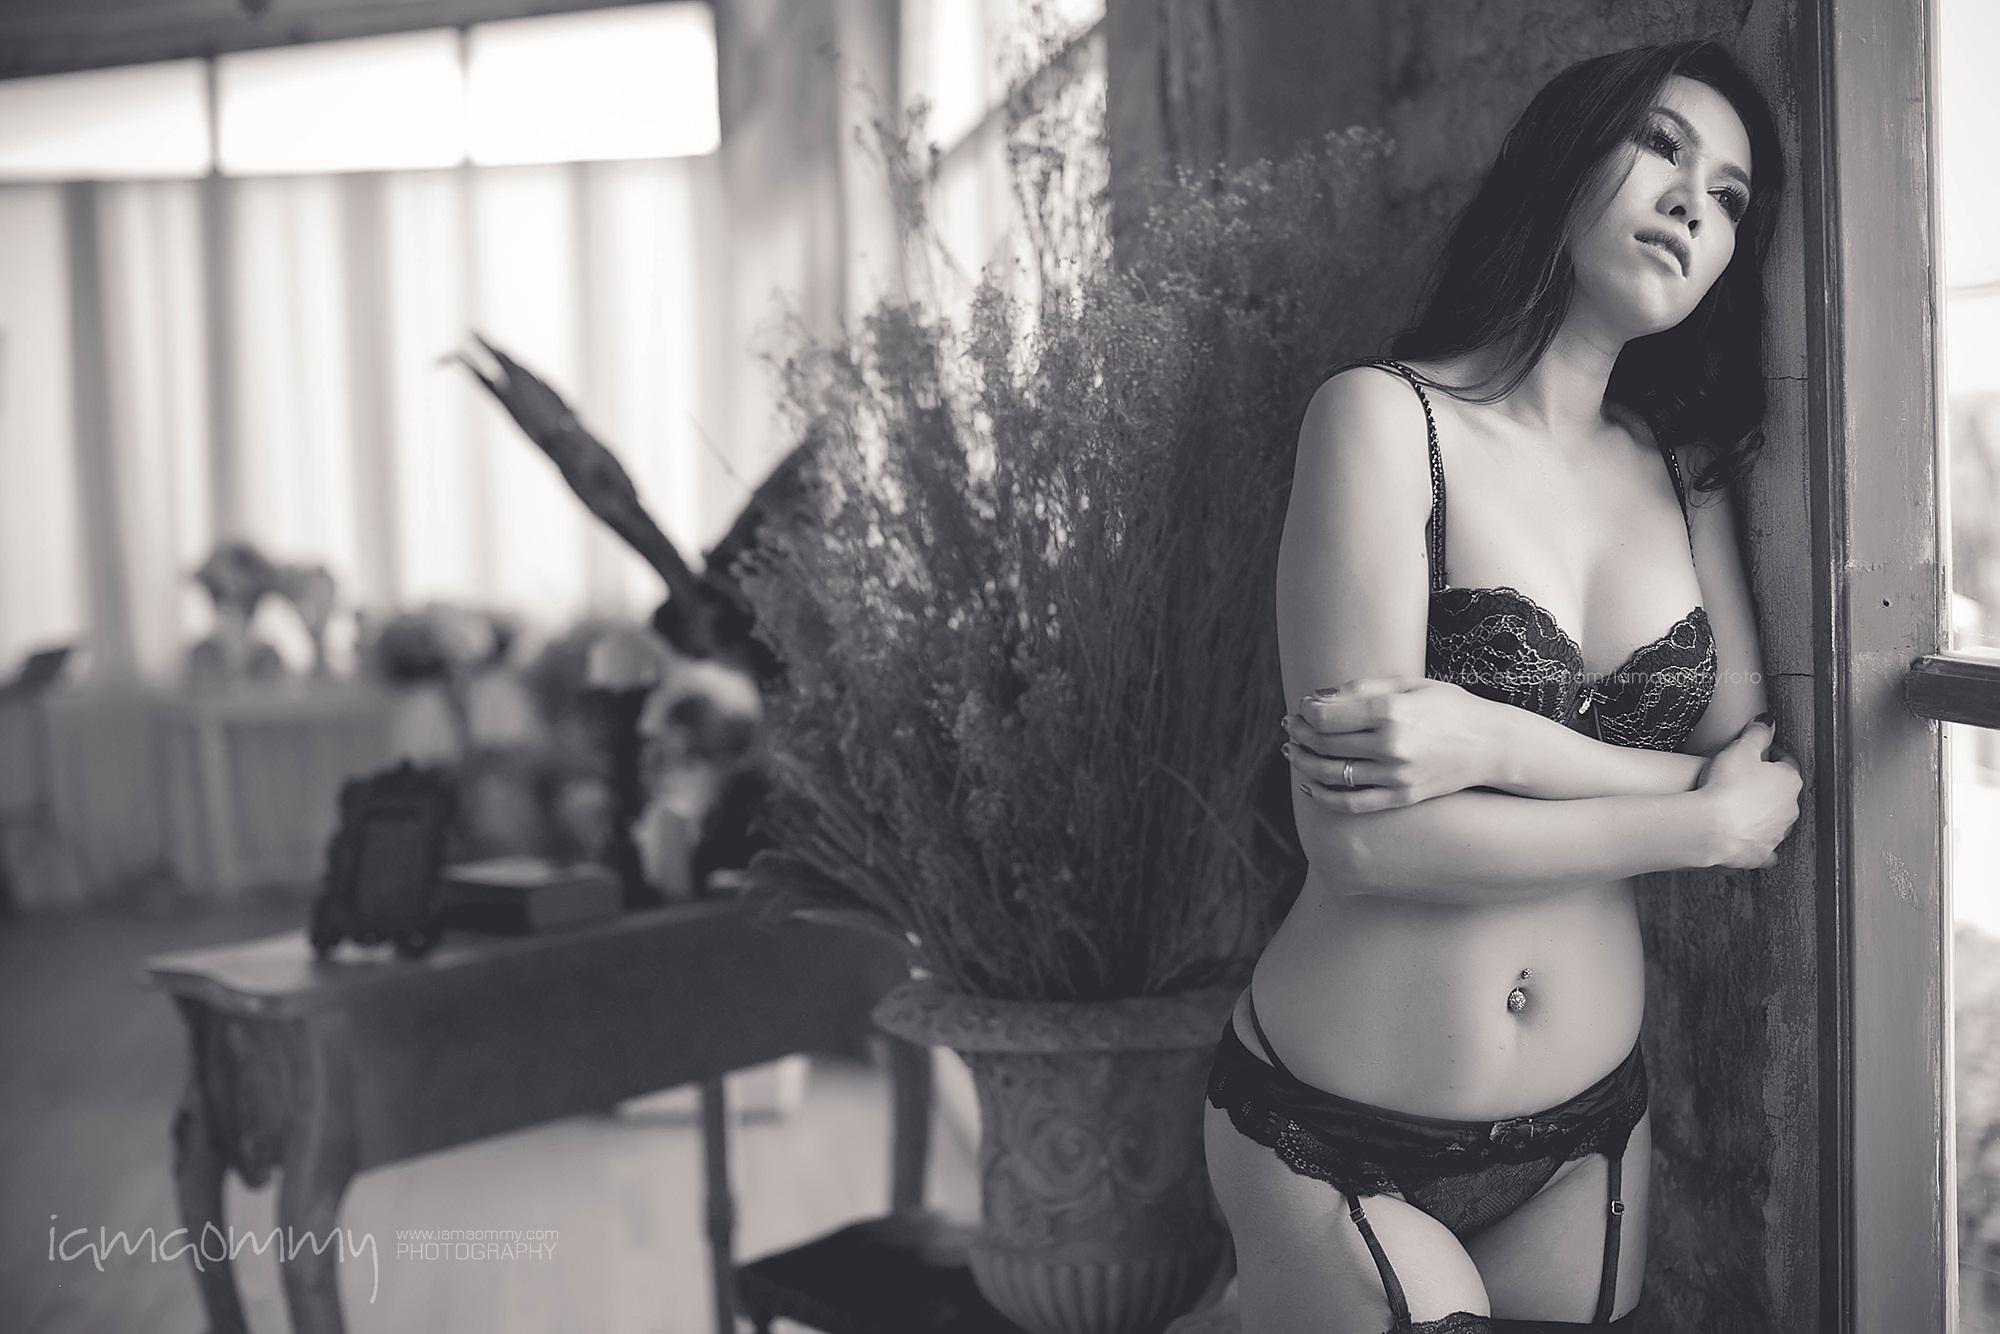 ถ่ายรูปเซ็กซี่-7